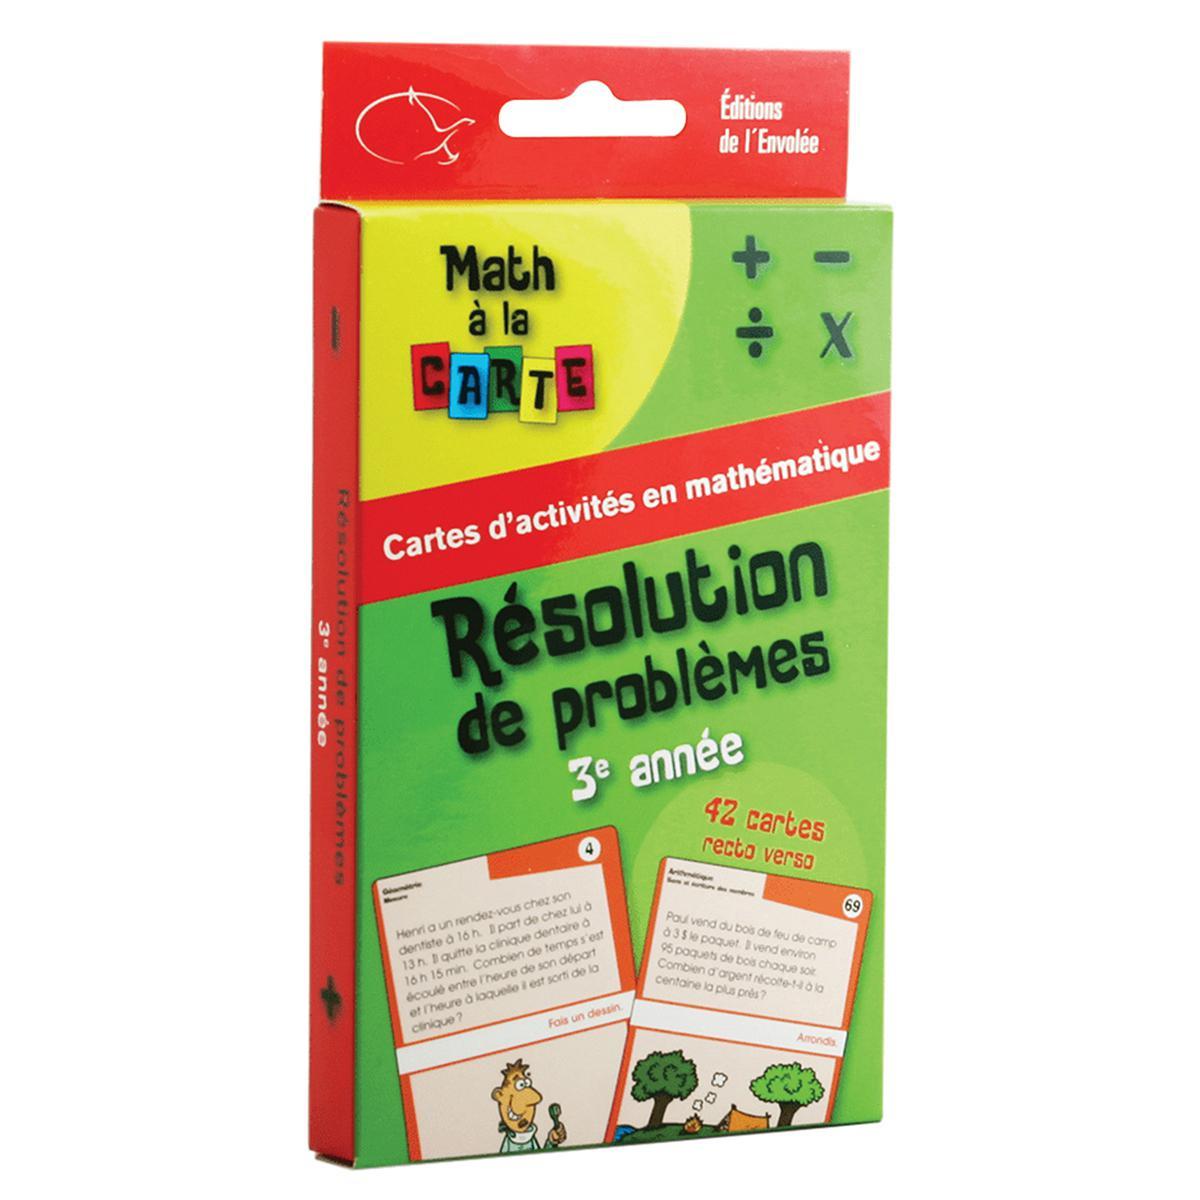 Math à la carte : Résolution de problèmes - 3e année